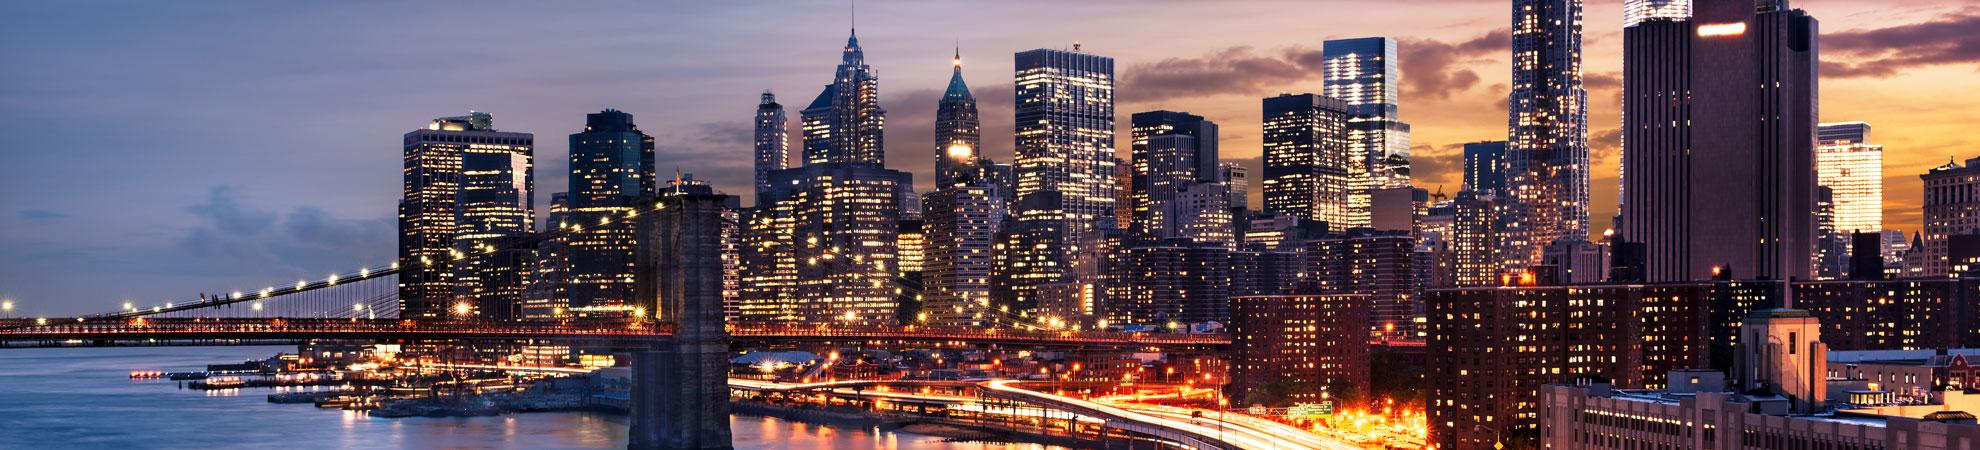 La ville de New York aux Etats Unis et le monde du tourisme